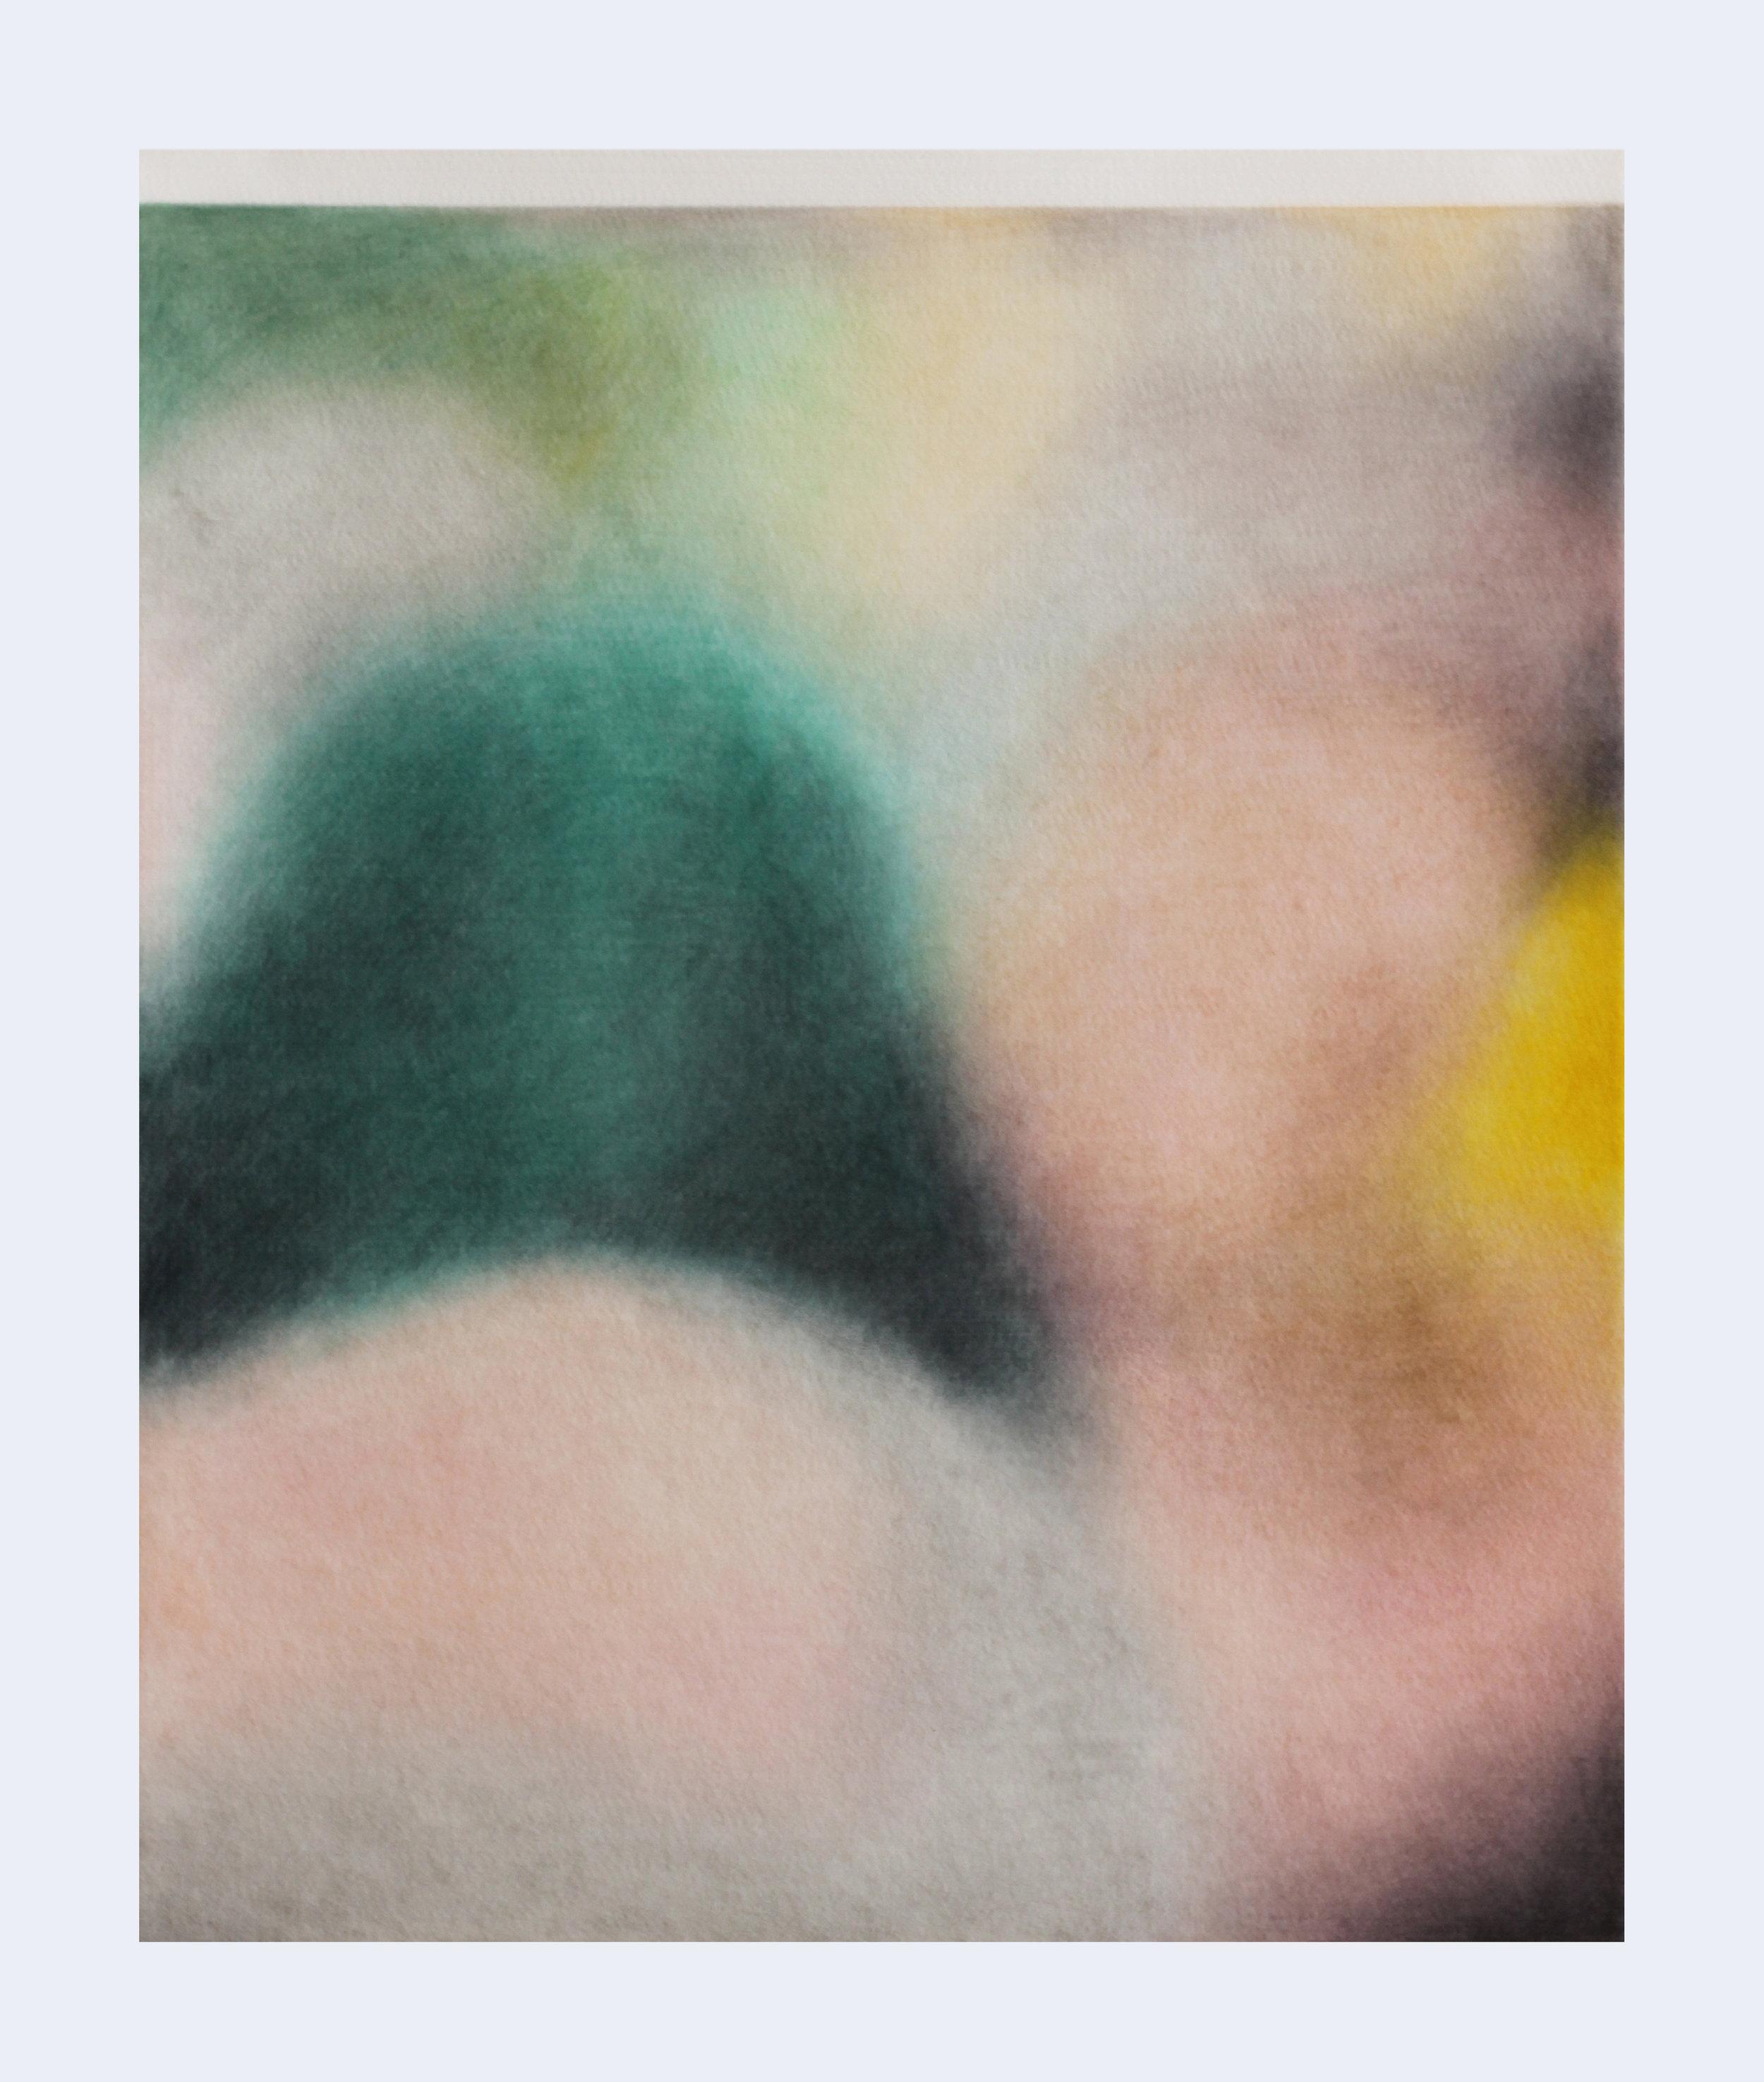 Série ''Relatives''- «  Baqa al-Gharbiyye, Israël, 23 janvier 2019 »  Drawing with color pencil on felt   Dessin aux crayons de couleur sur feutre 50x60cm 2019